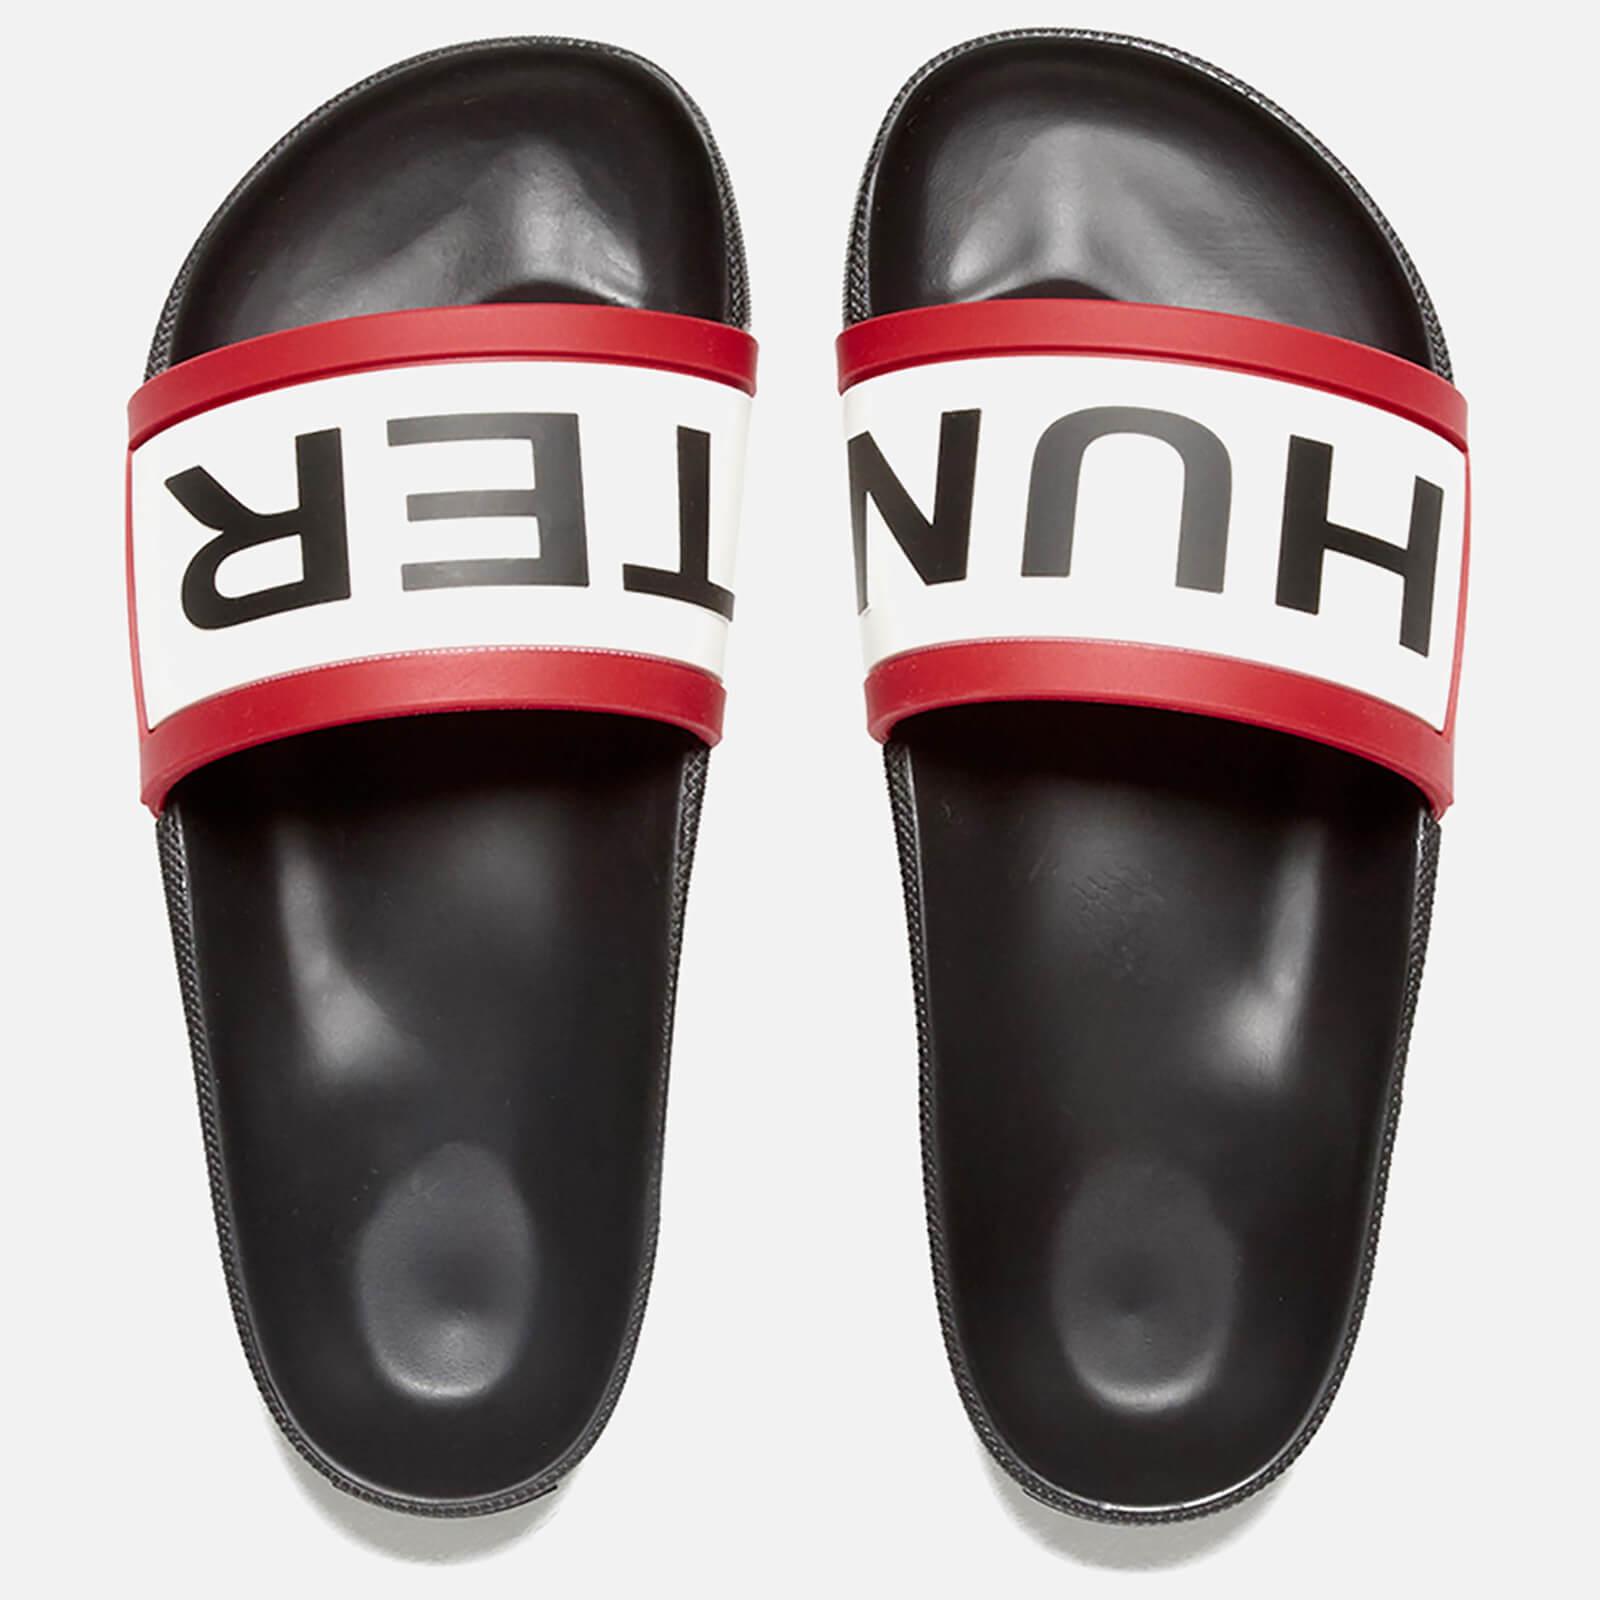 3410503bc0255 Hunter Women s Original Slide Sandals - Black - Free UK Delivery over £50